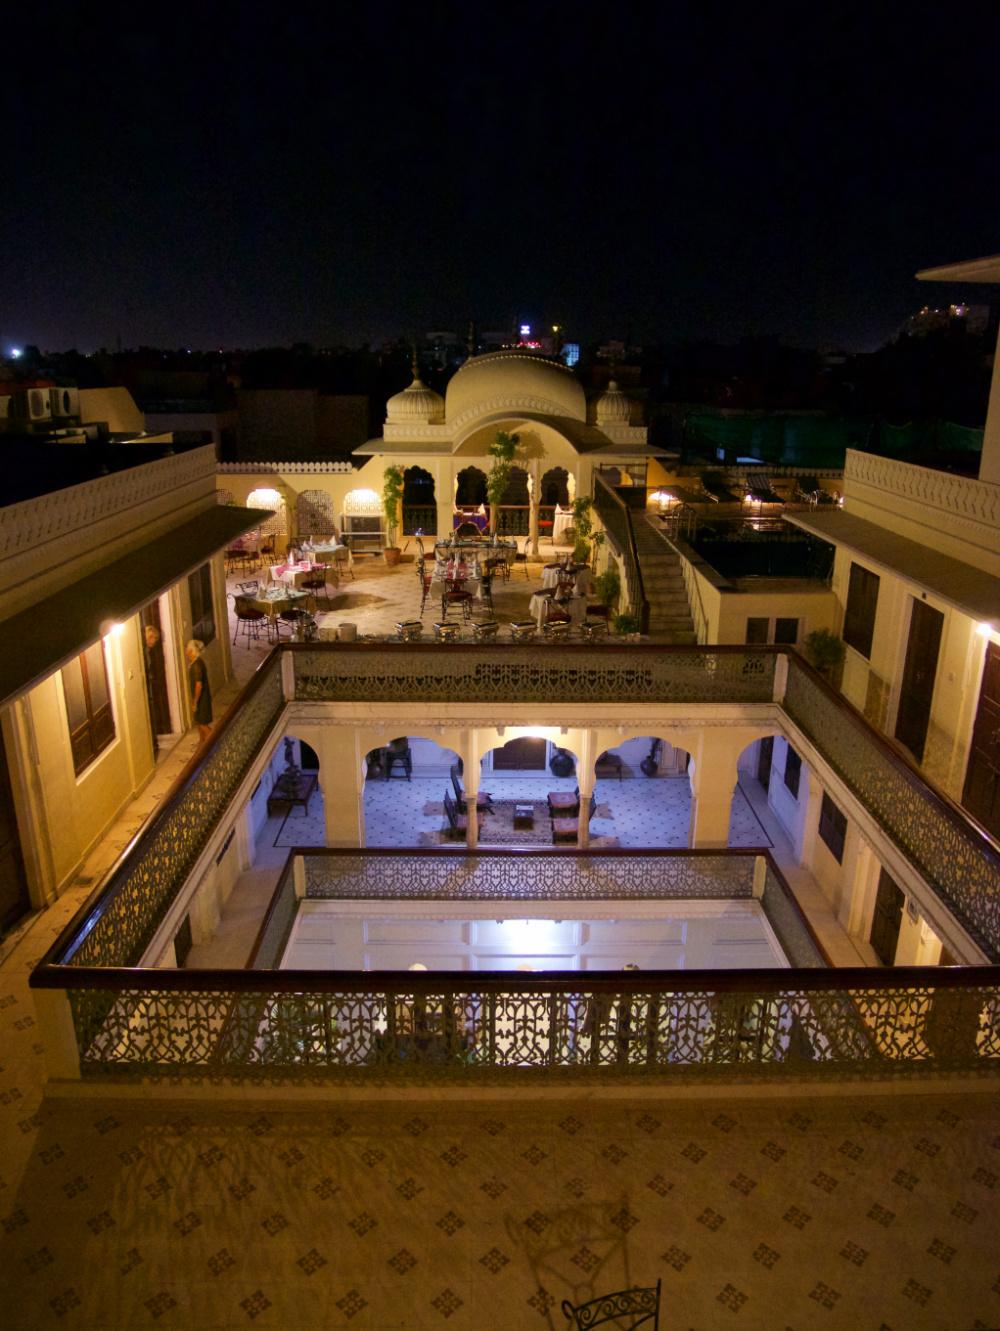 138-India-Jaipur